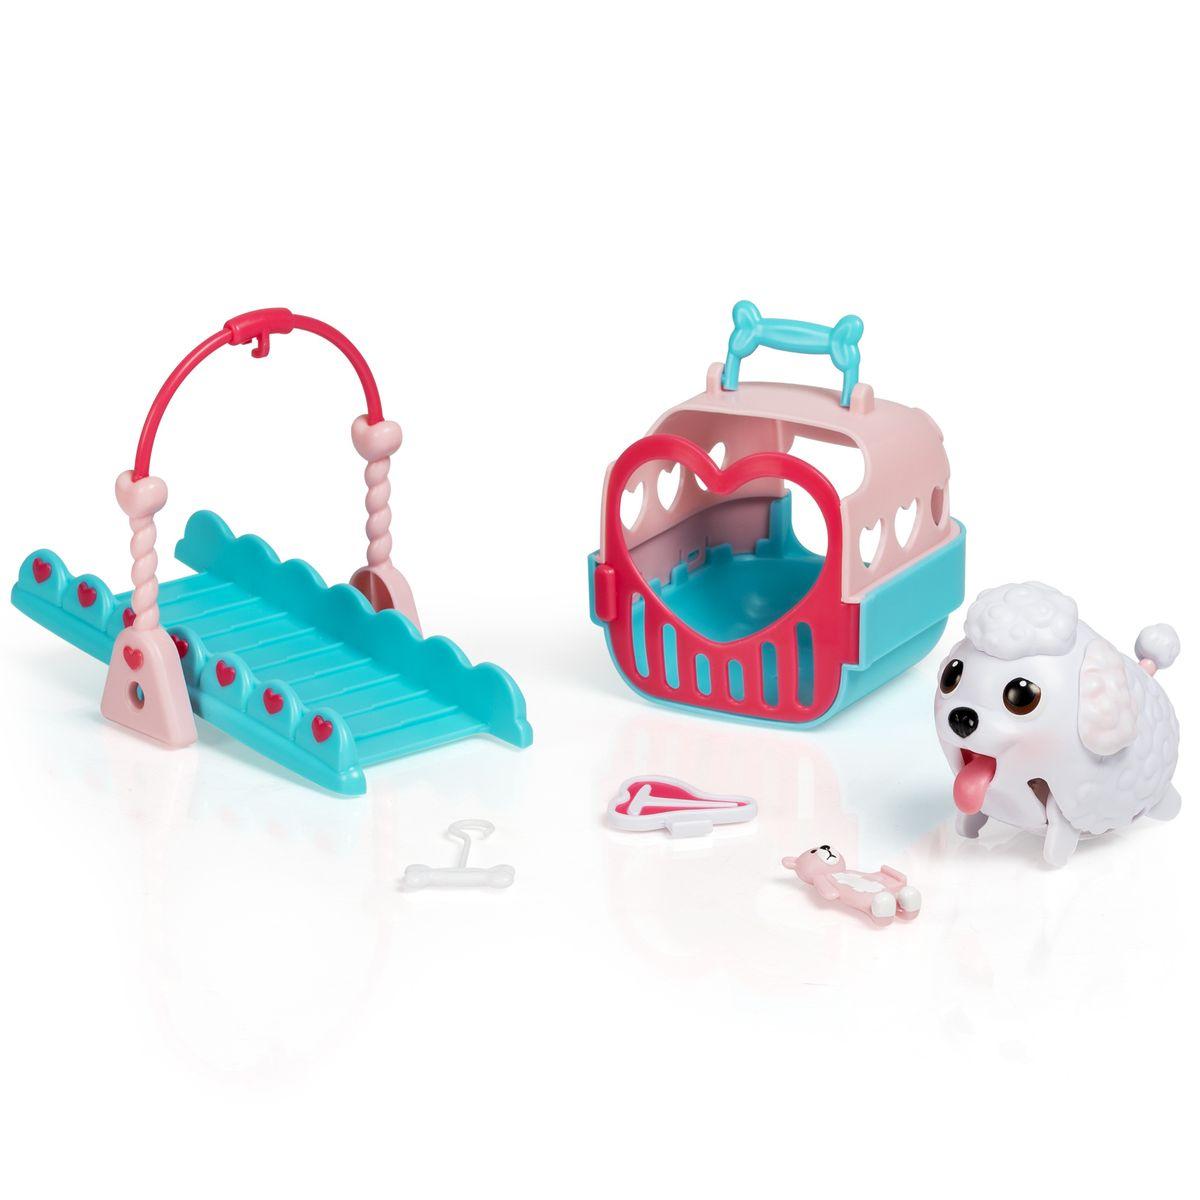 Chubby Puppies Игровой набор Детская площадка56701Набор Chubby Puppies состоит из щенка, домика для него, элемента детской площадки, ошейника с эмблемой и аксессуаров.